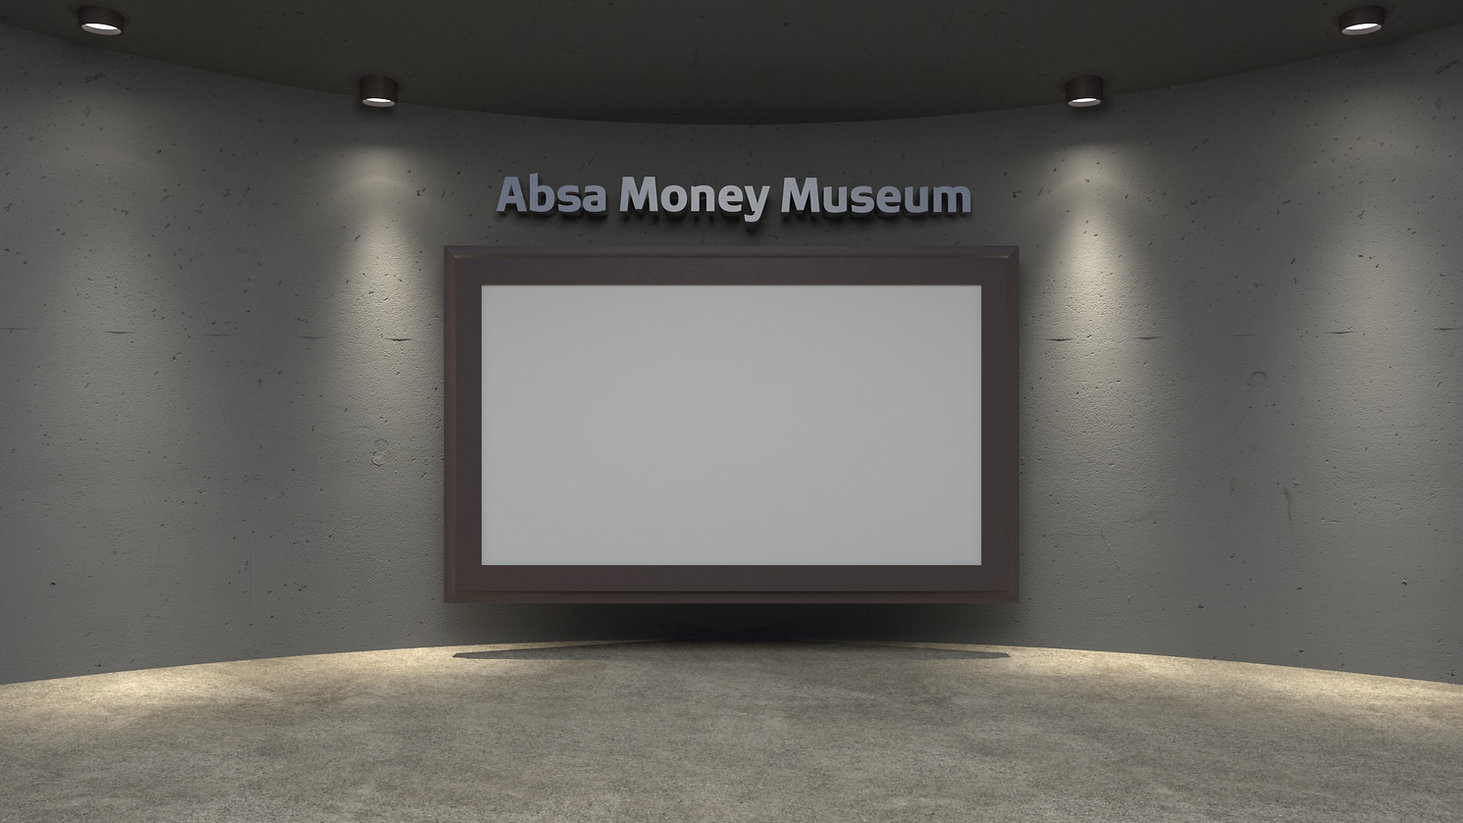 08-Absa Money Museum (2).jpg